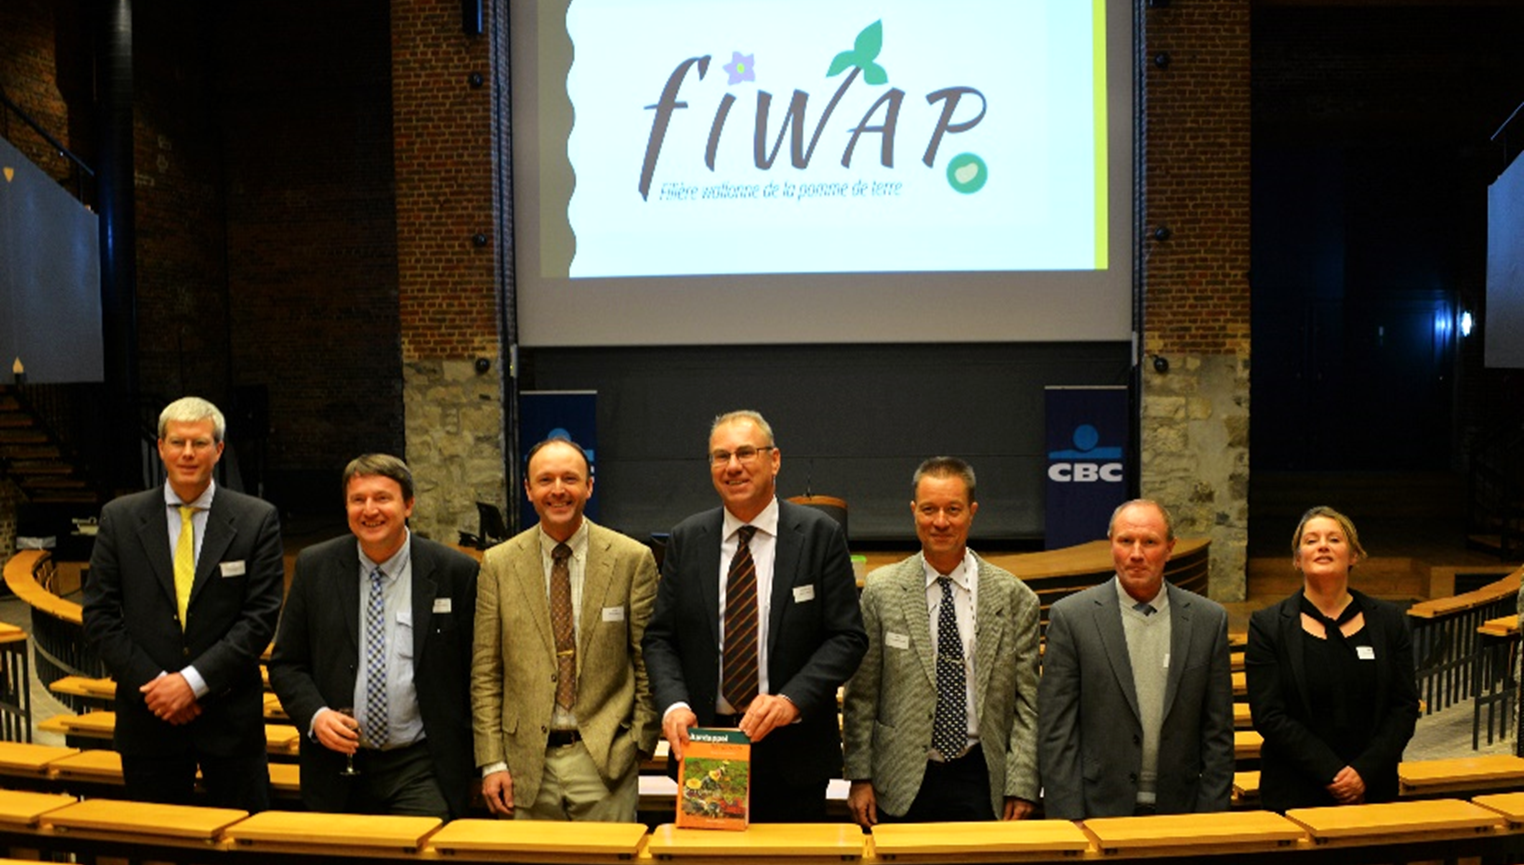 Fête réussie pour les 25 ans de la Fiwap